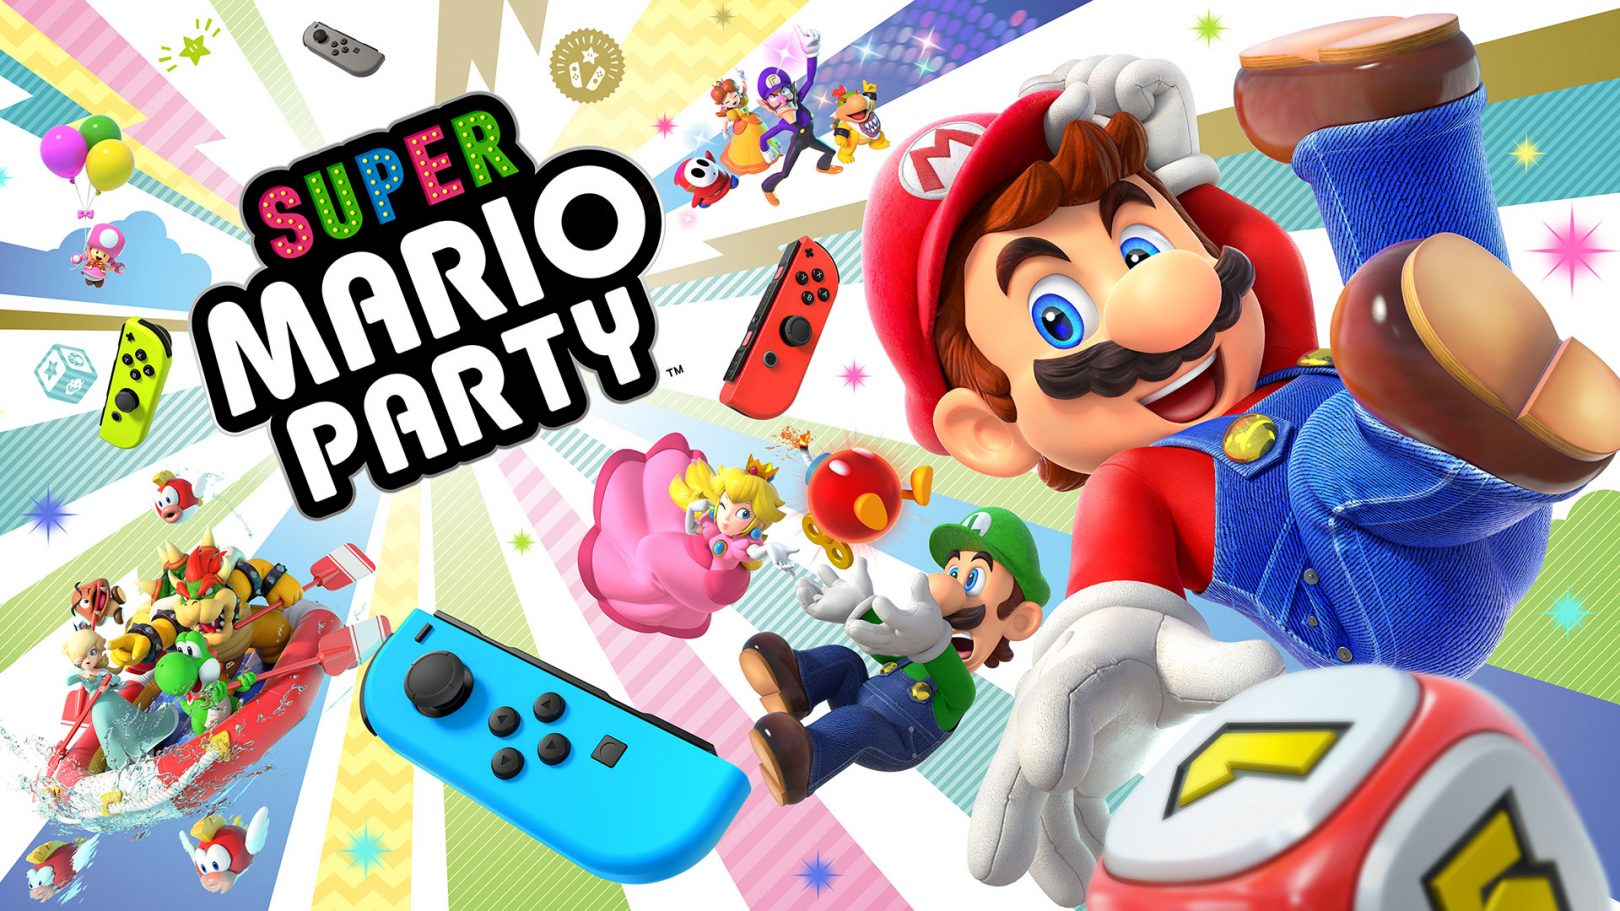 Découvrez New Super Mario Party sur Nintendo Switch!